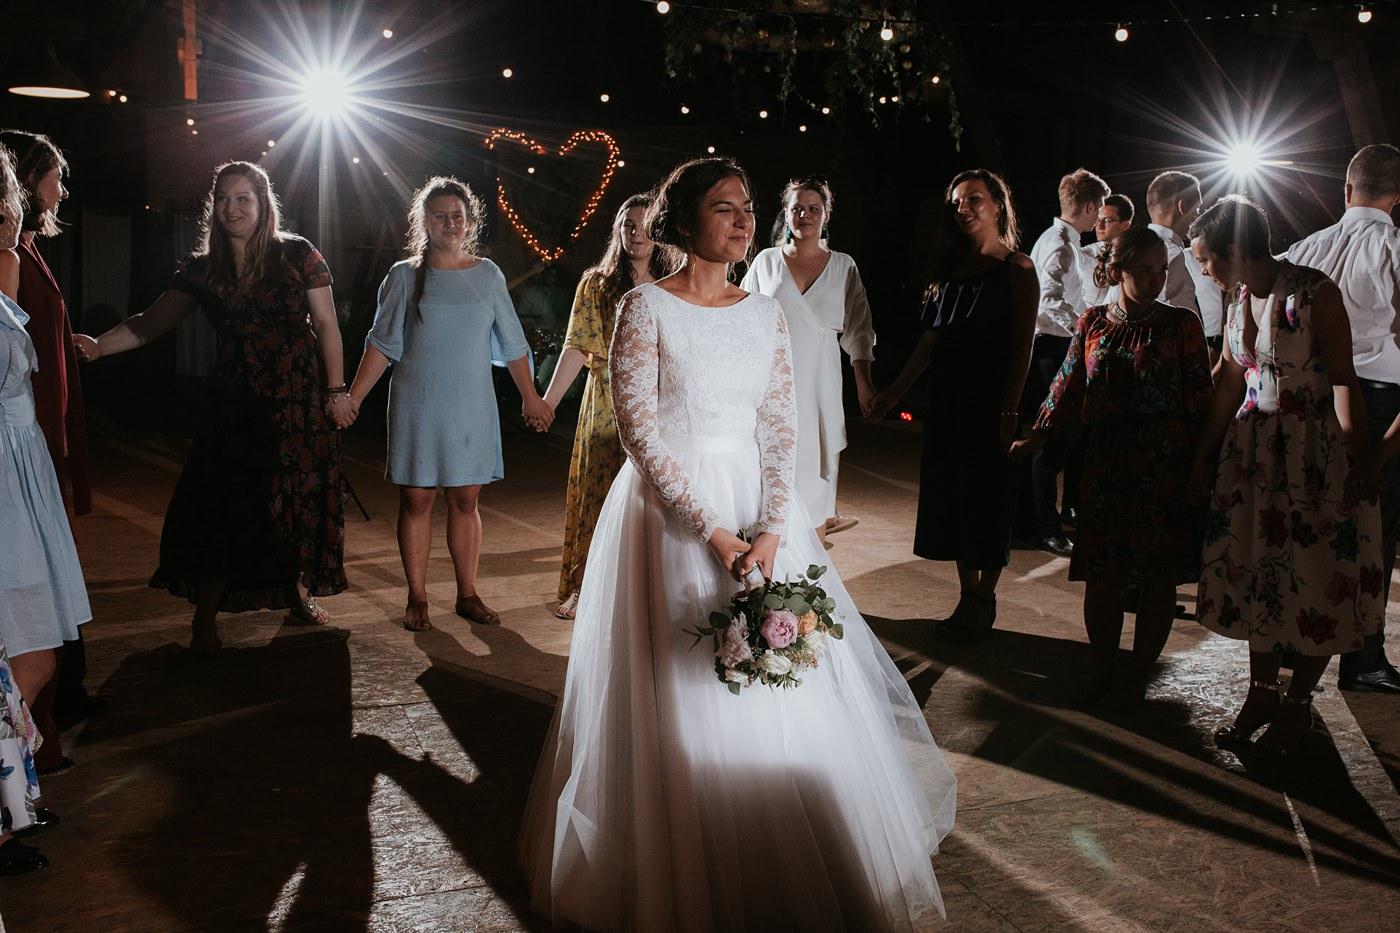 Dominika & Aleksander - Rustykalne wesele w stodole - Baborówko 145